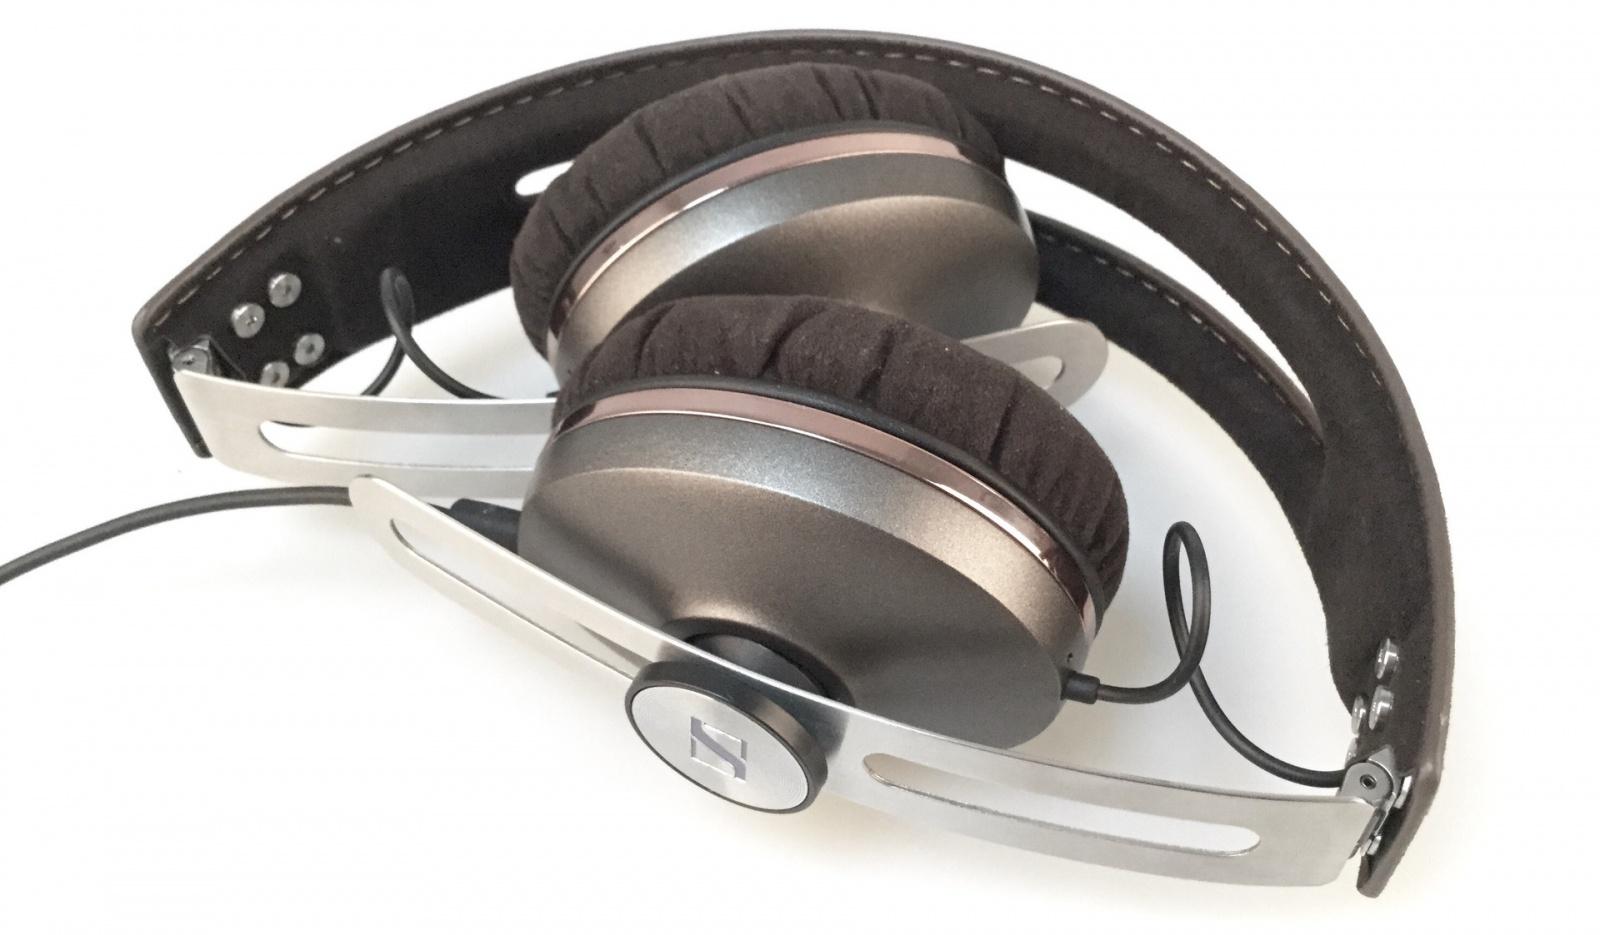 Музыка в современном стиле: Обзор наушников Sennheiser Momentum 2 on-ear - 7